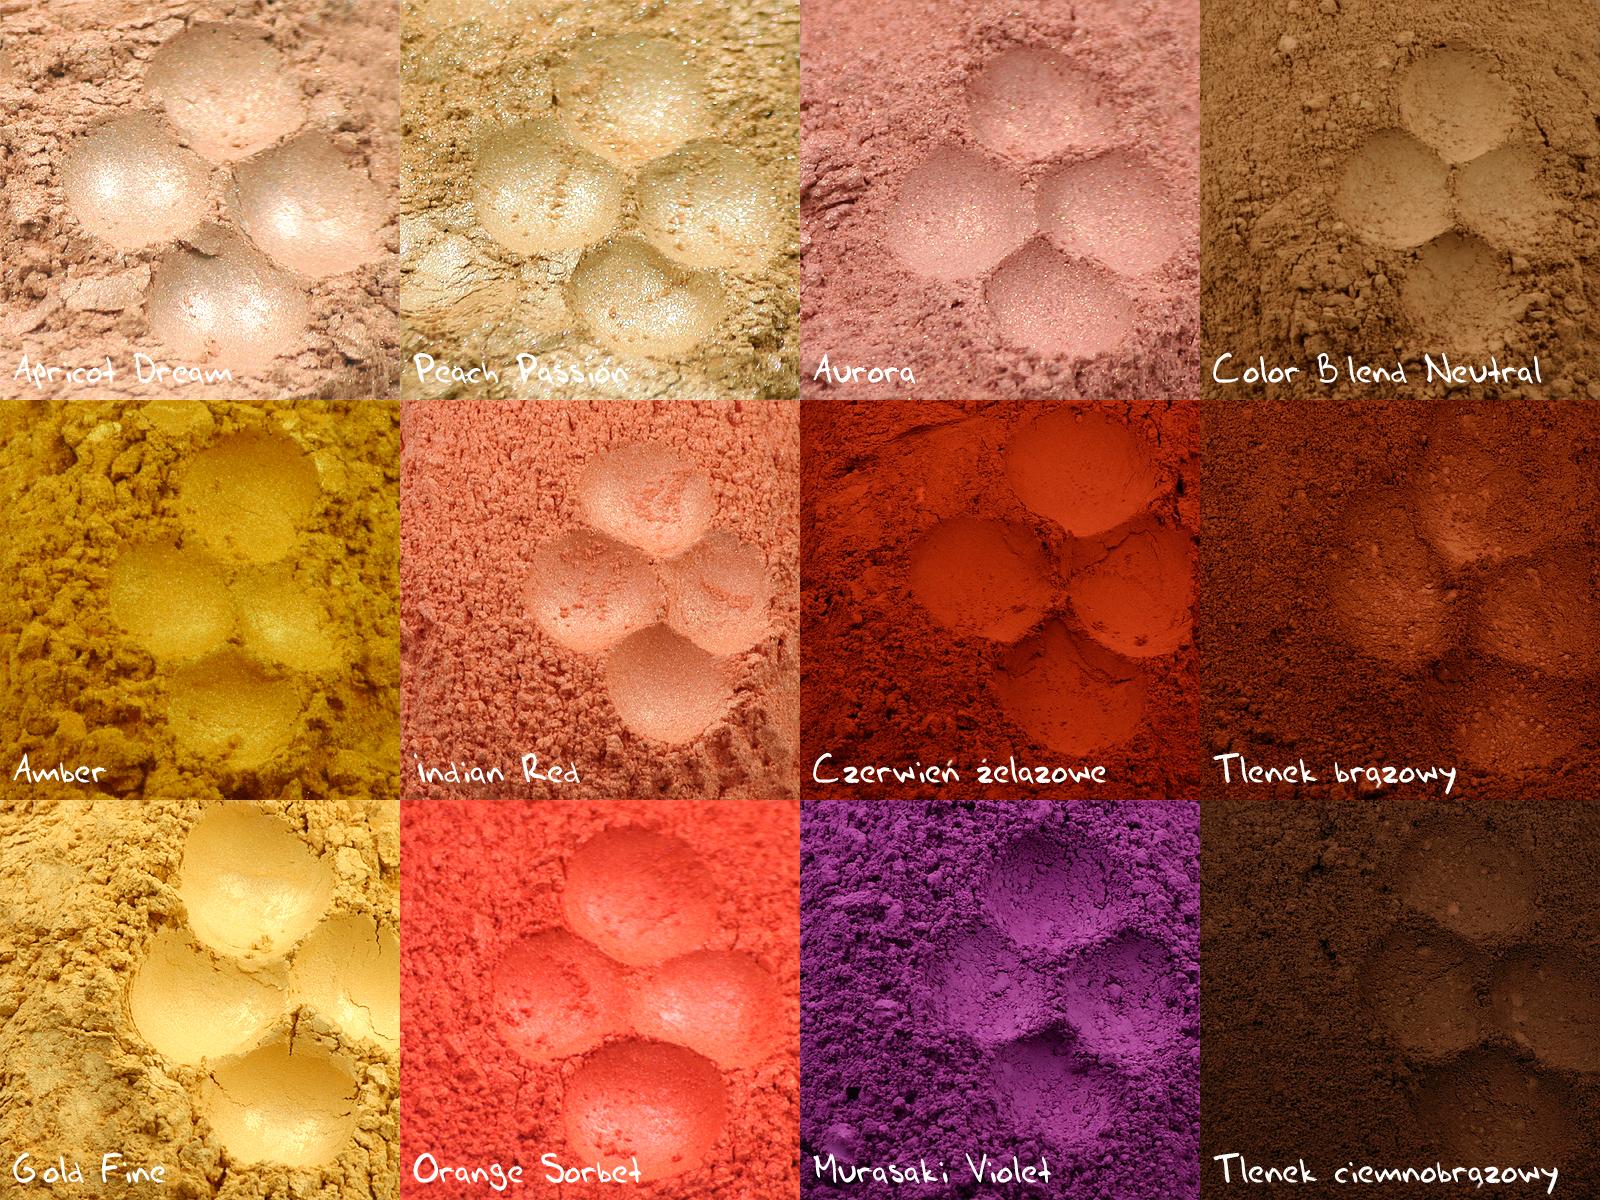 Analiza kolorystyczna: pigmenty mineralne dla każdego z 12 typów, odc. 4: Wiosna